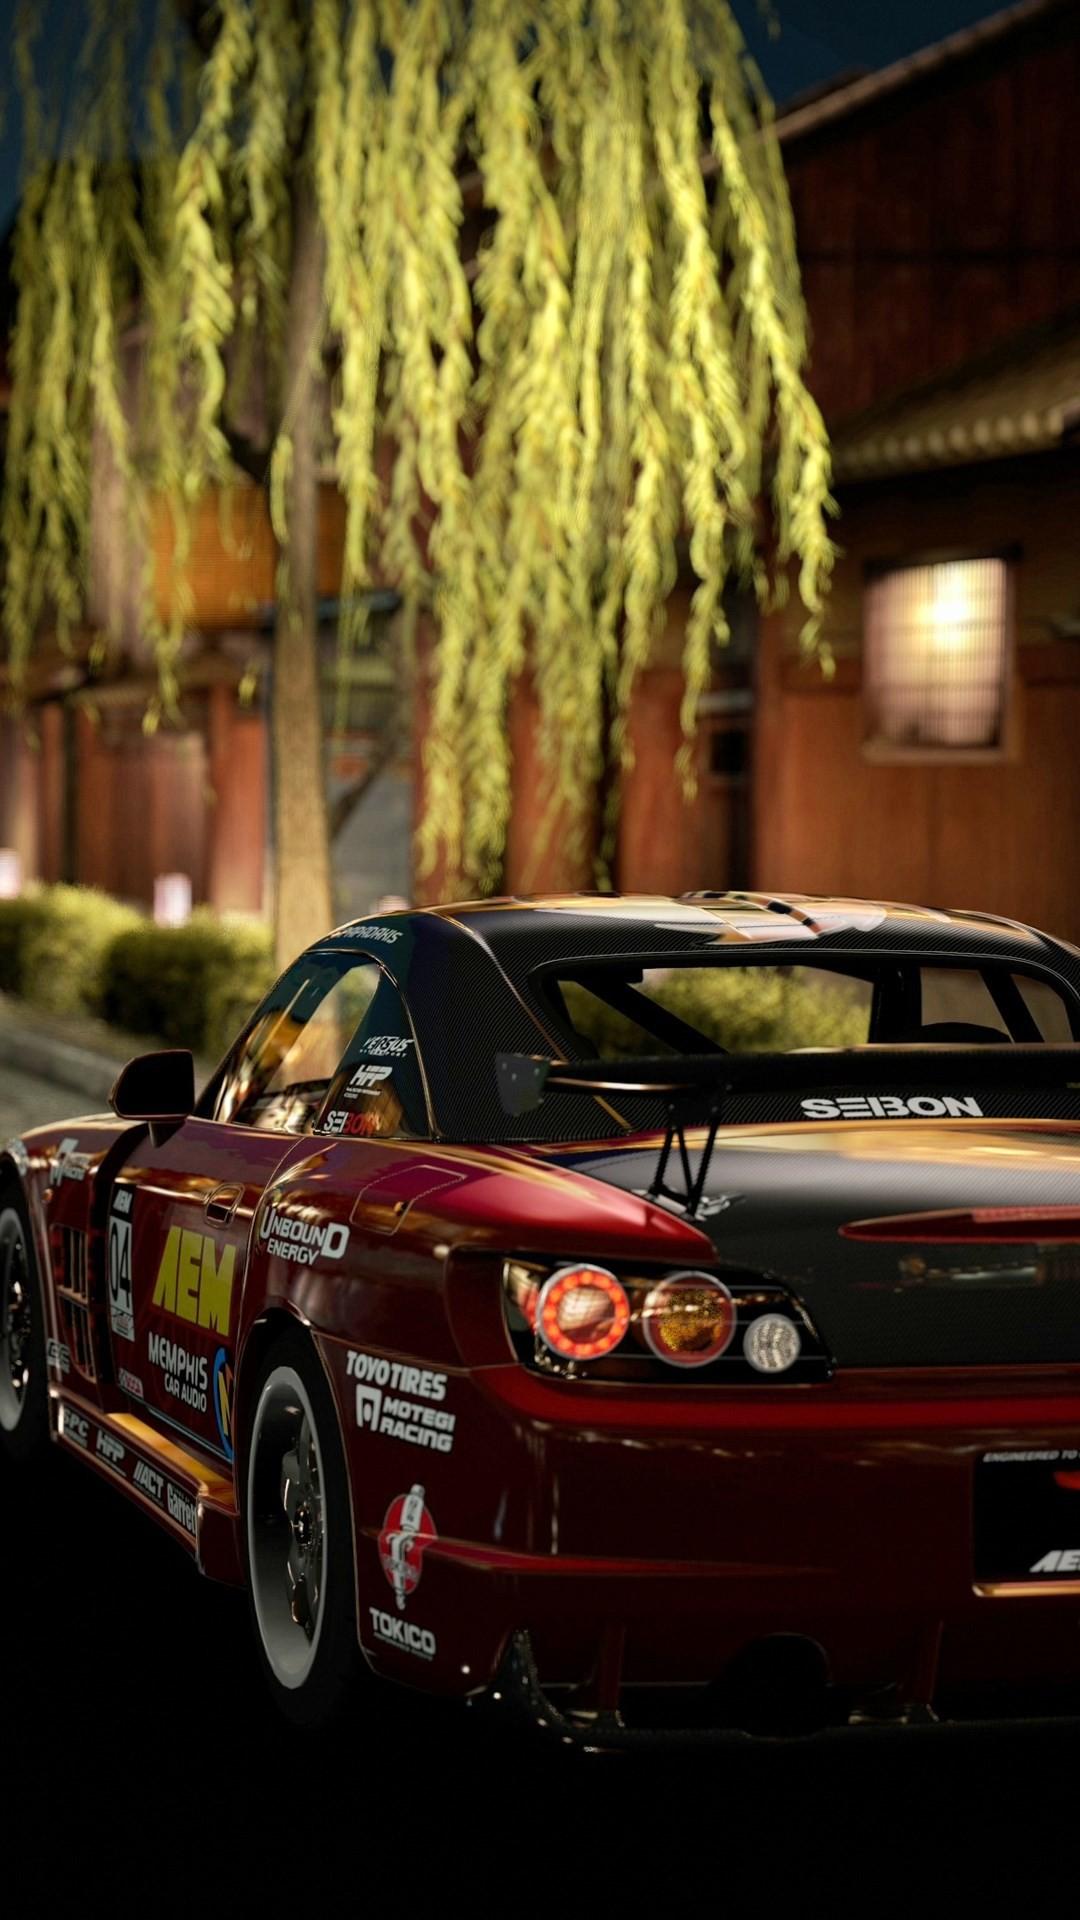 Racing Car Wallpaper 1080p Street Racing Car Wallpaper 57 Images